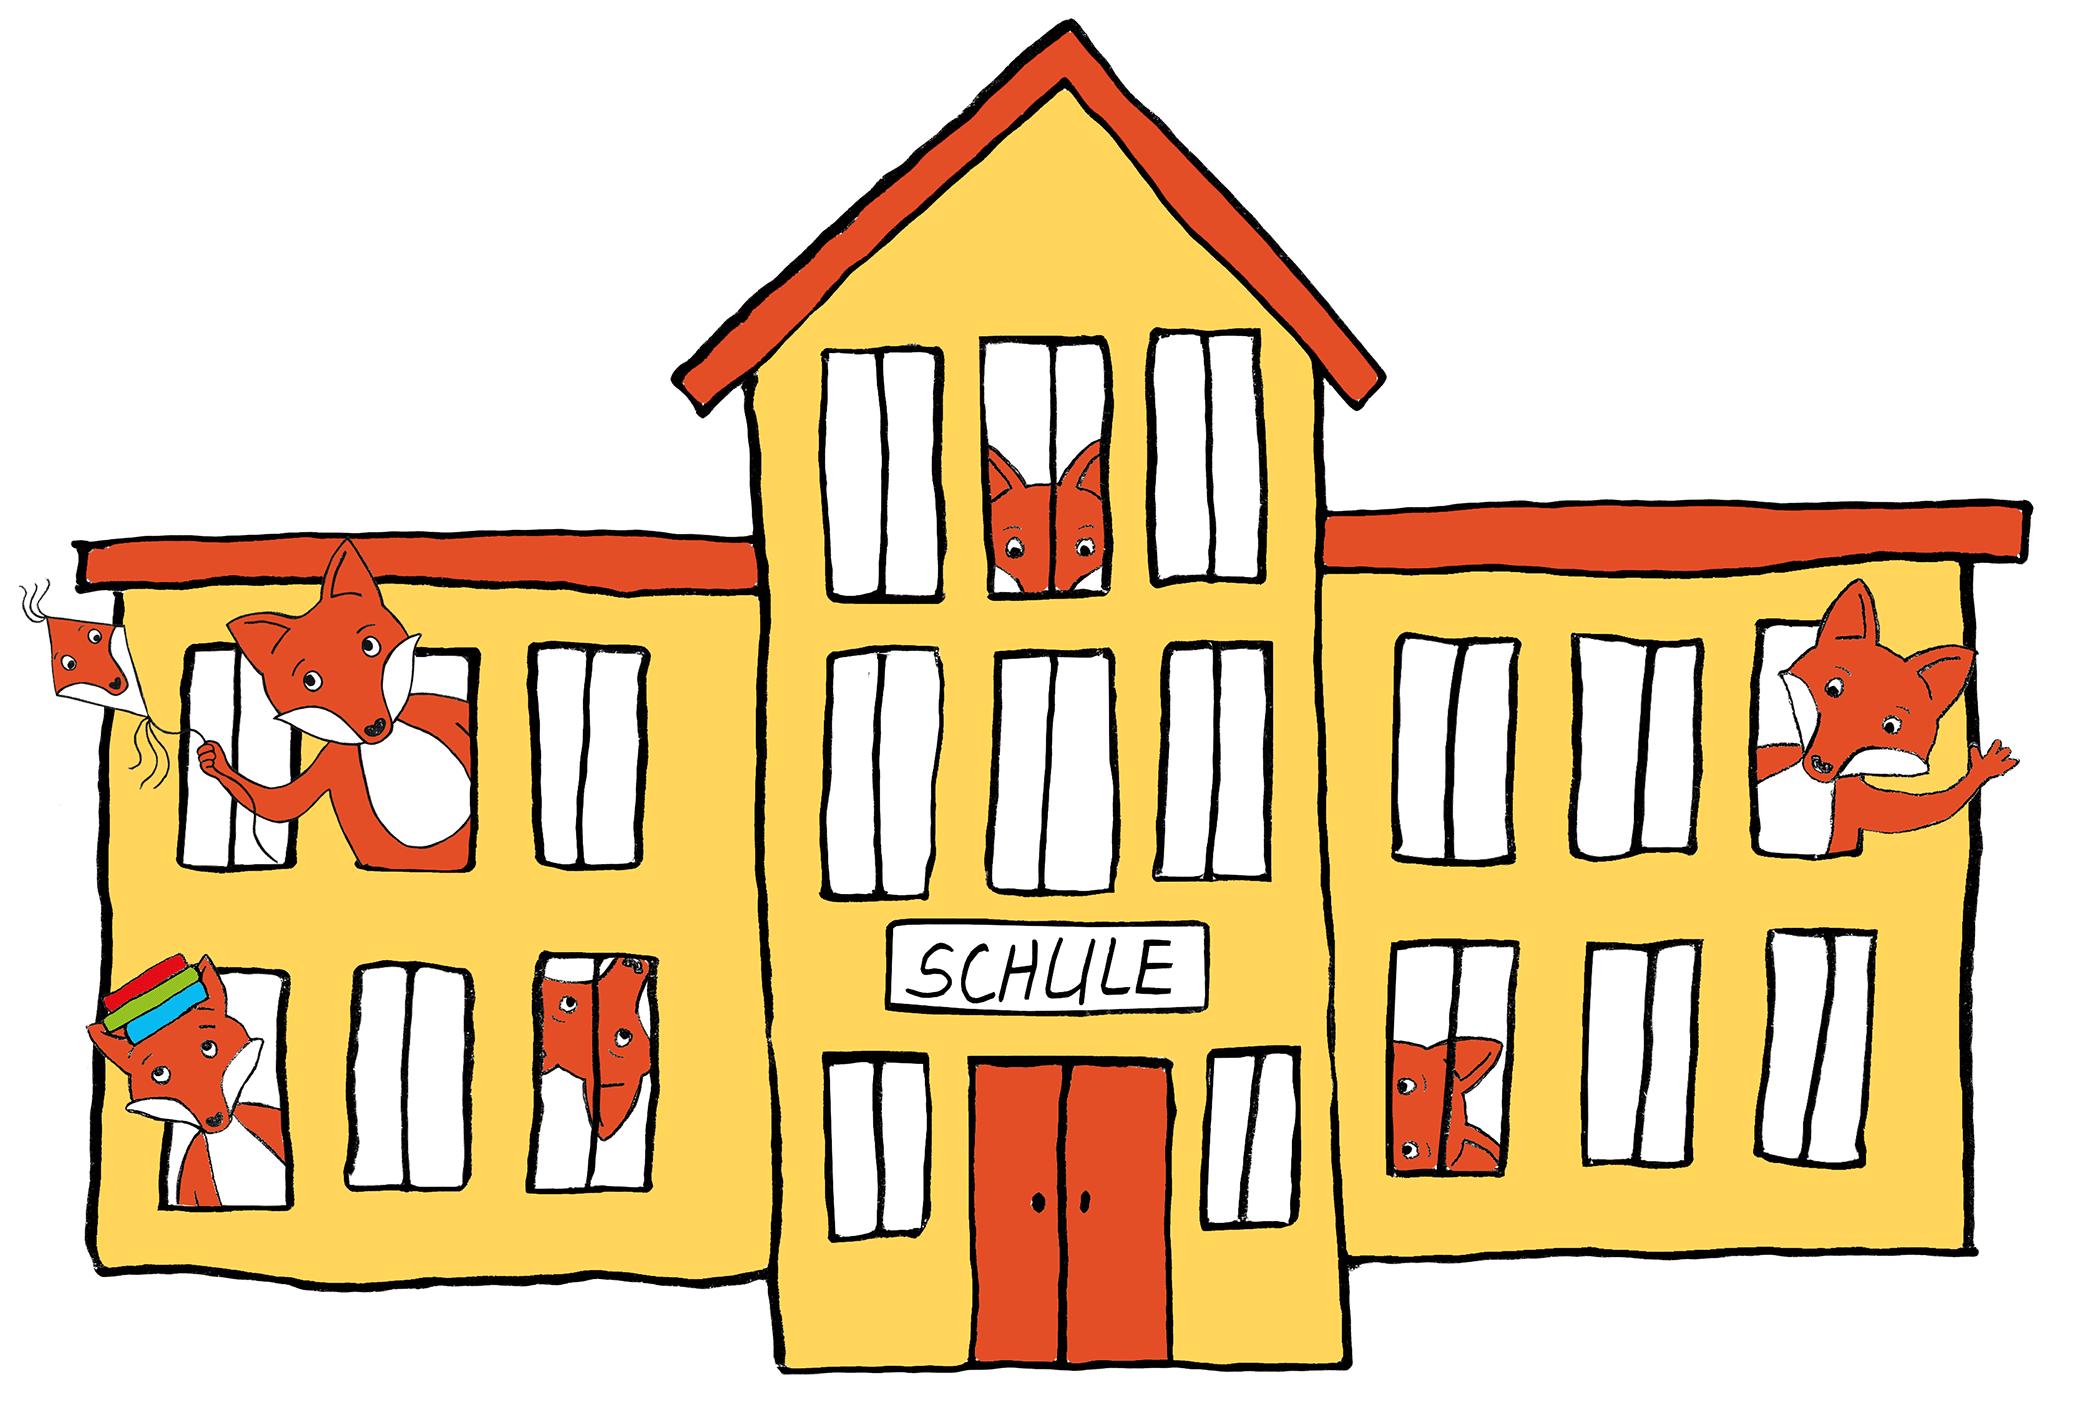 Schulgebäude mit Comic-Füchsen in Fenstern